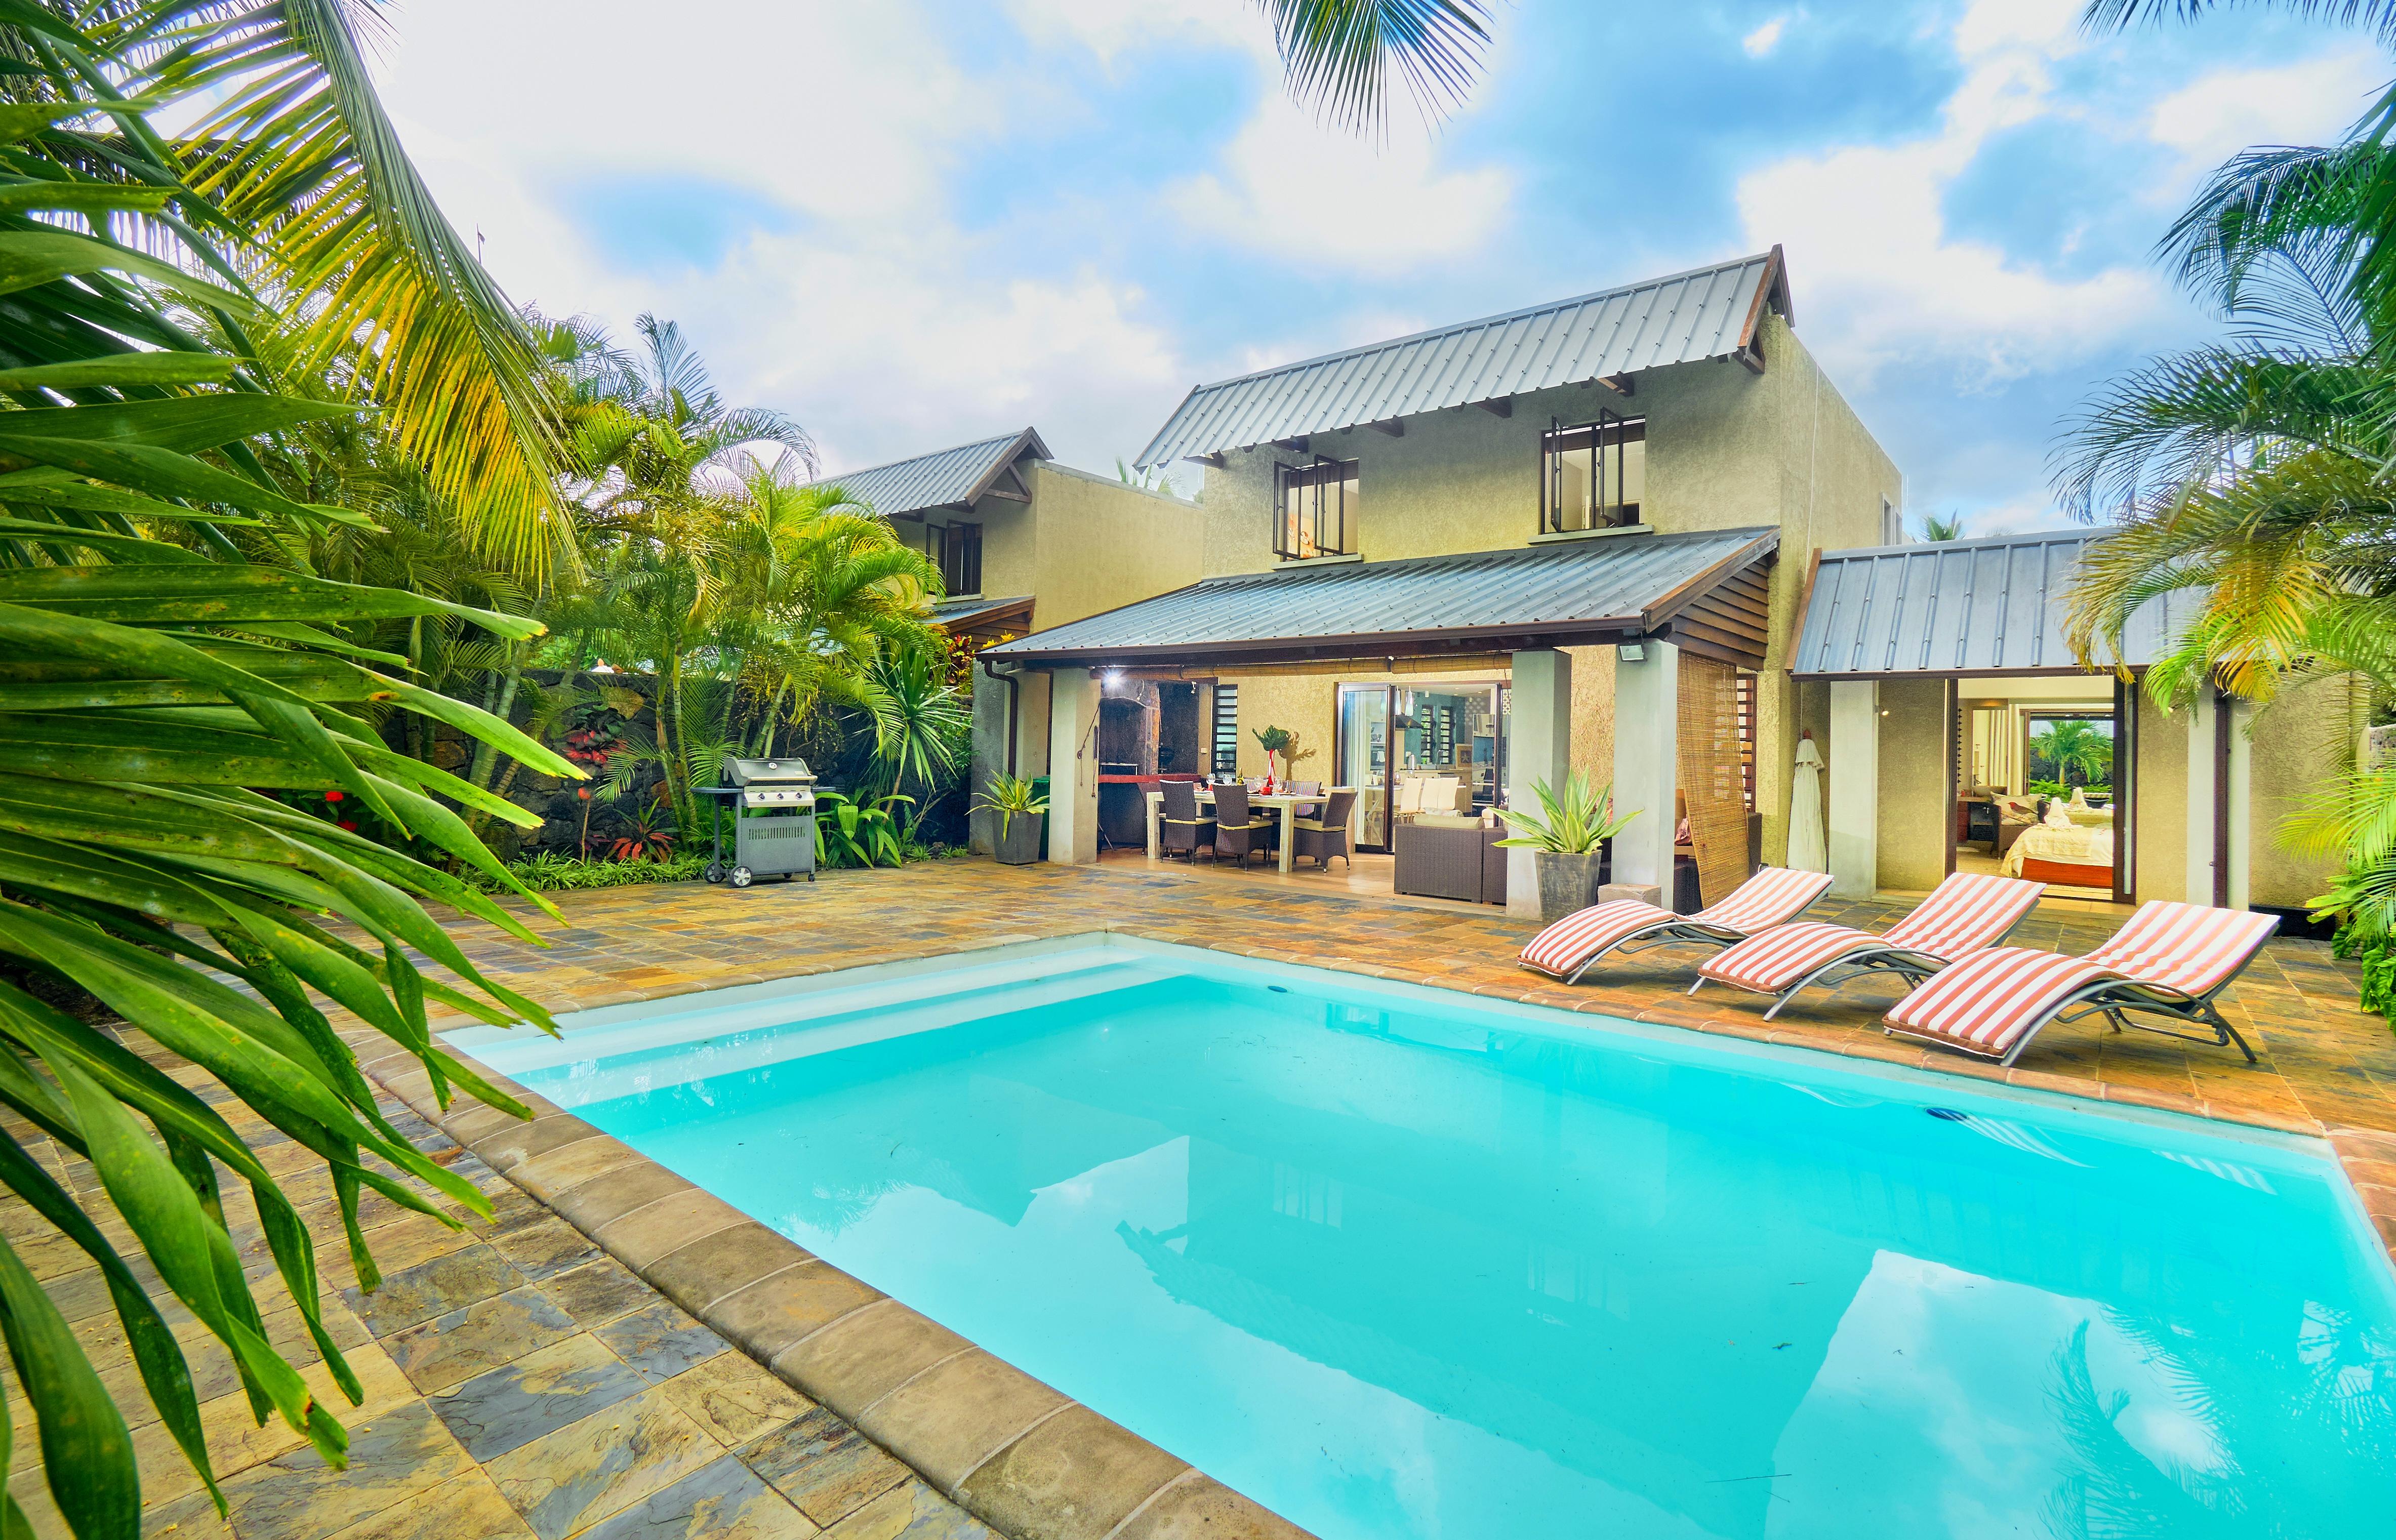 Location Villa Ile Maurice Sur La Plage De Trou Aux Biches Piscine Privée  ...